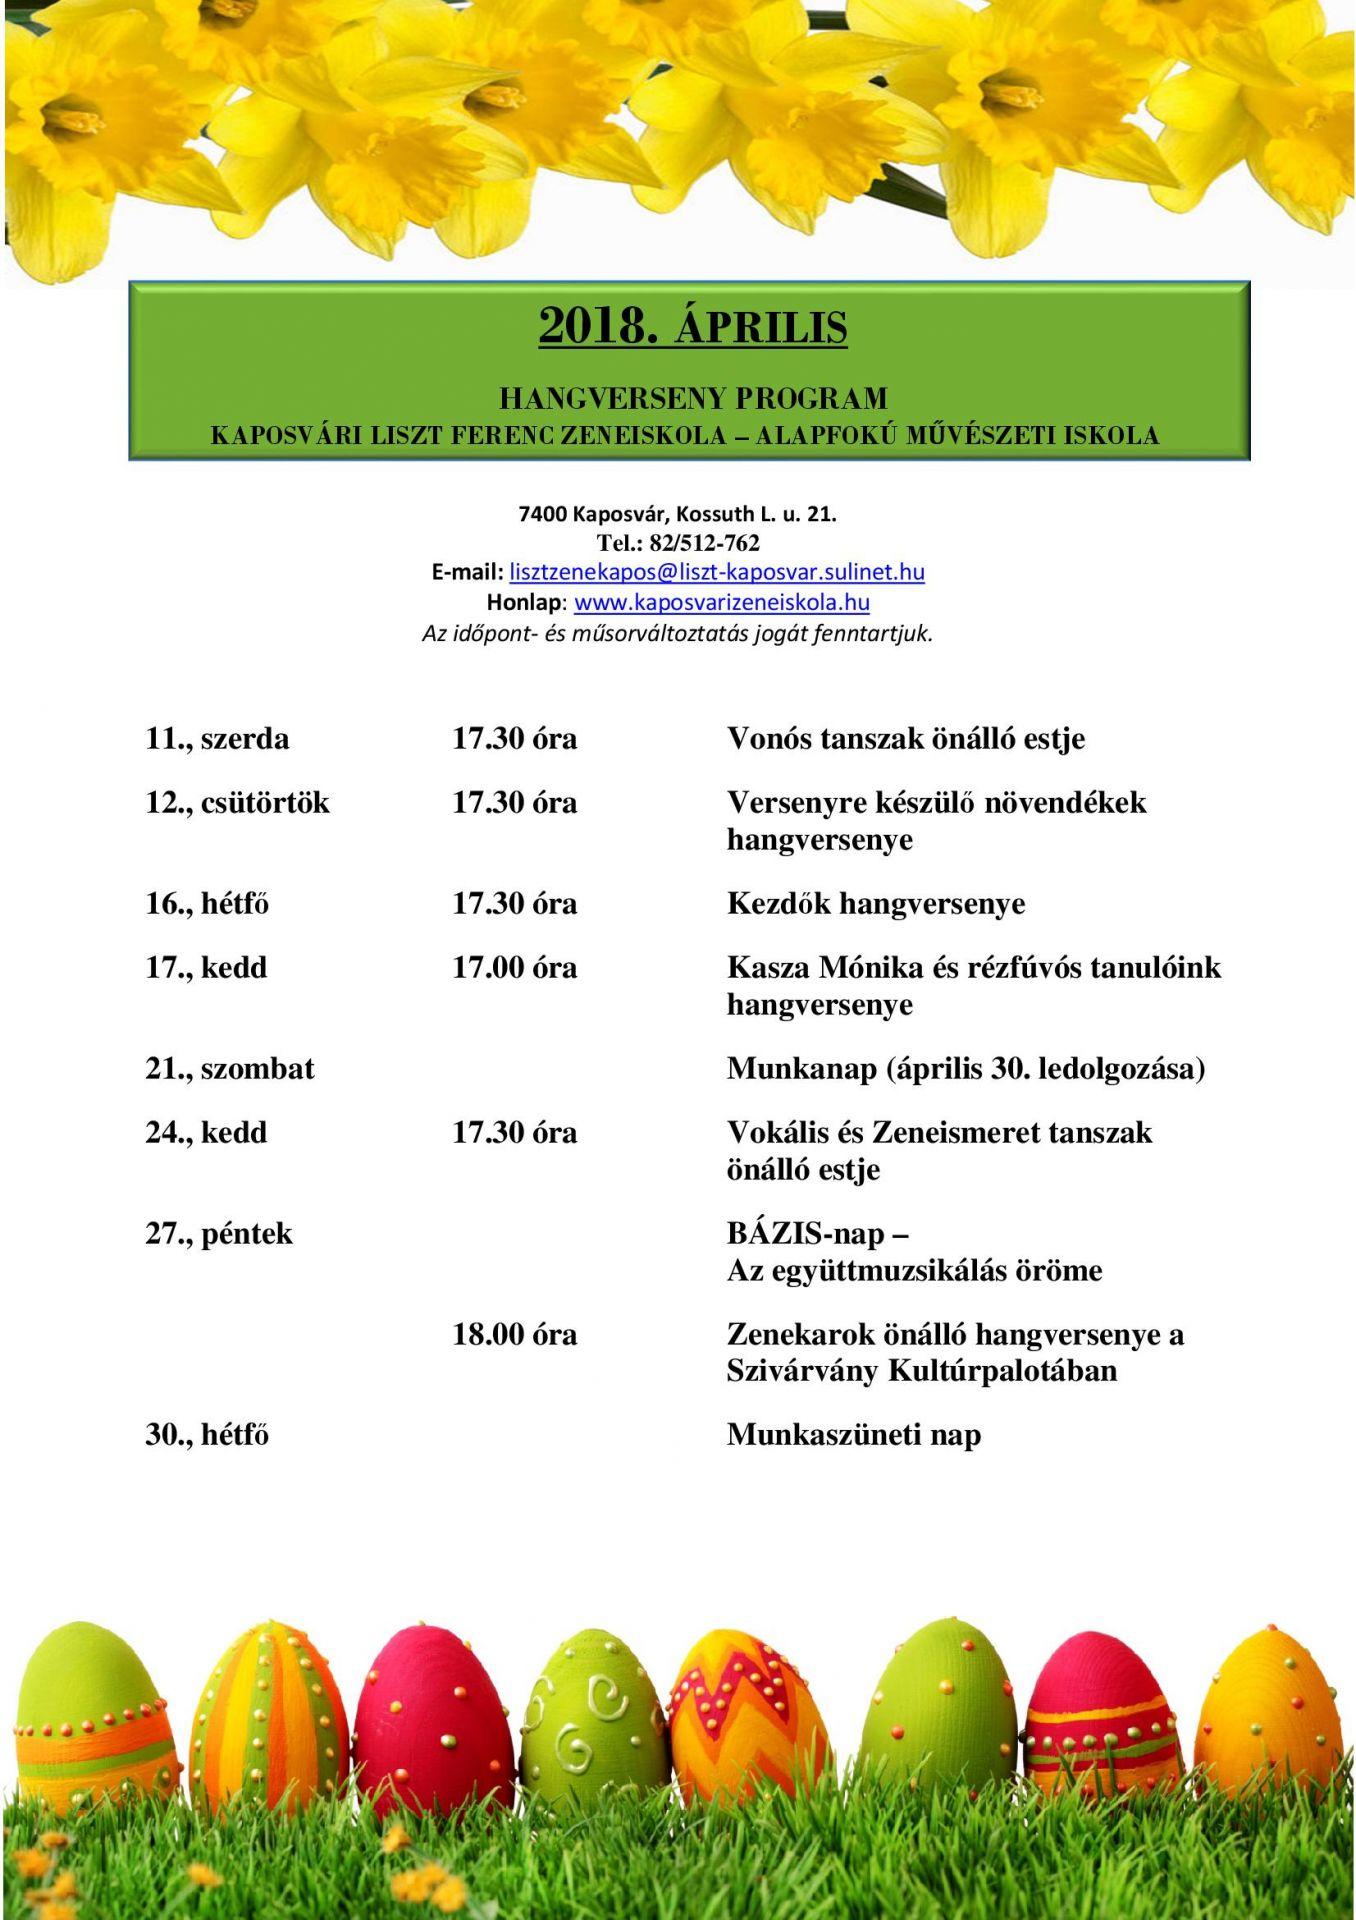 2018. április havi programok